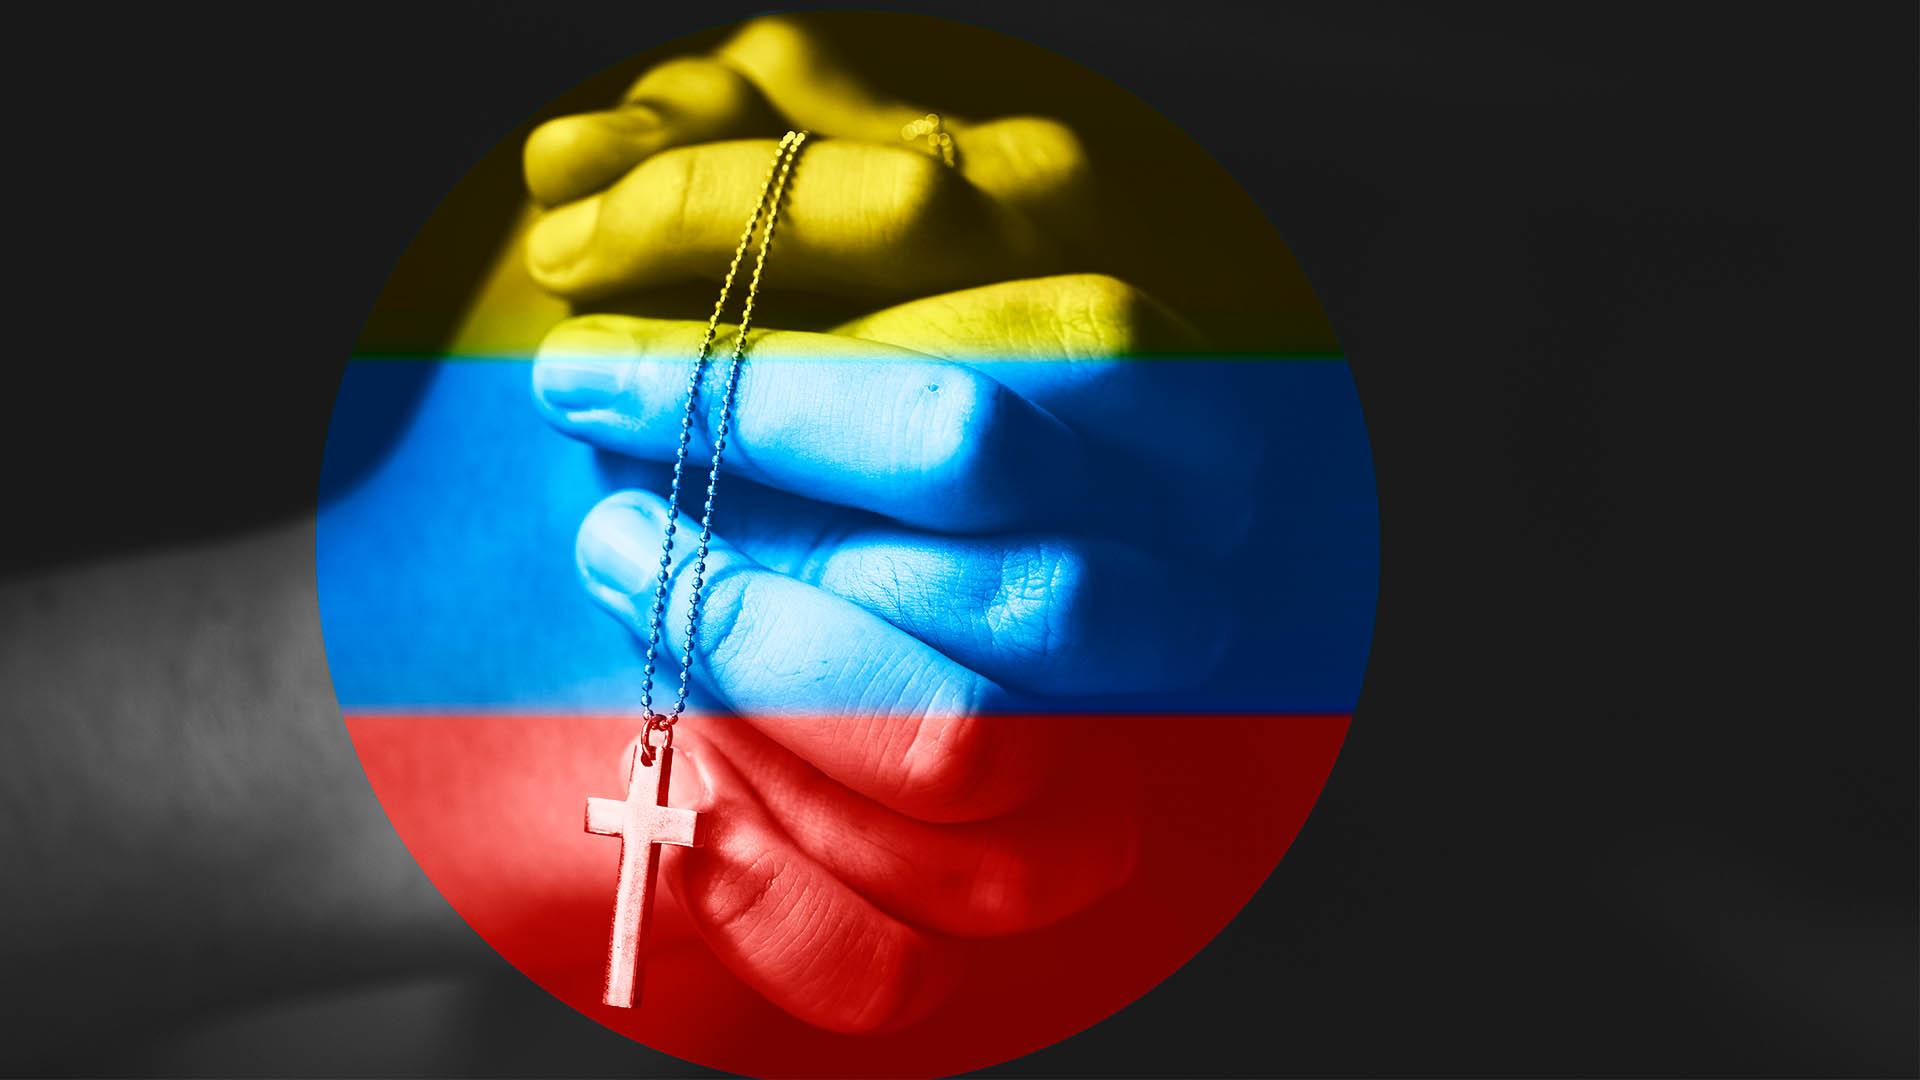 La oración y la política, por Julio Castillo Sagarzazu